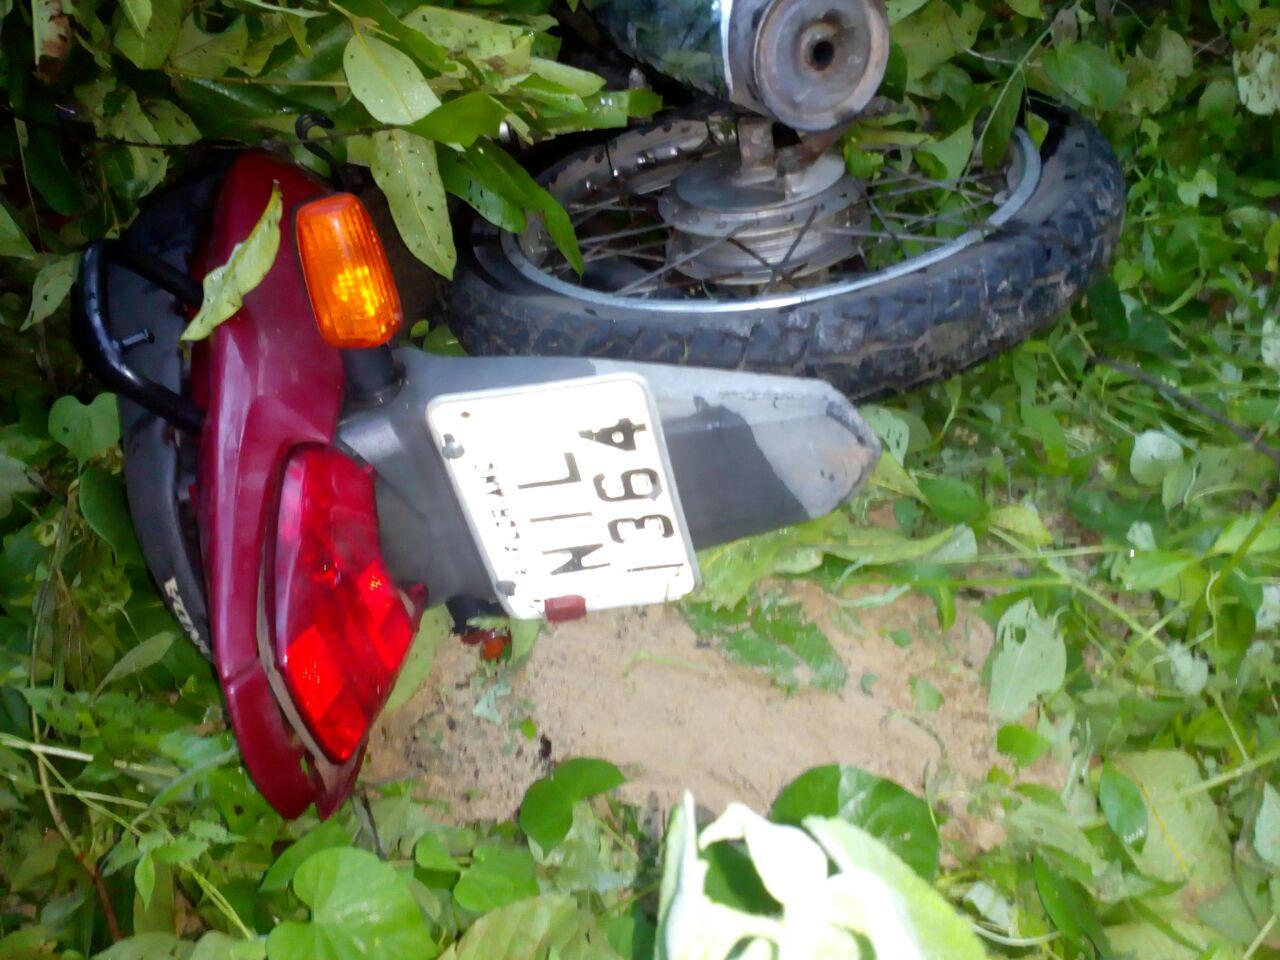 Motocicleta apreendida com o suspeito foi utilizada na fuga e no assalto.